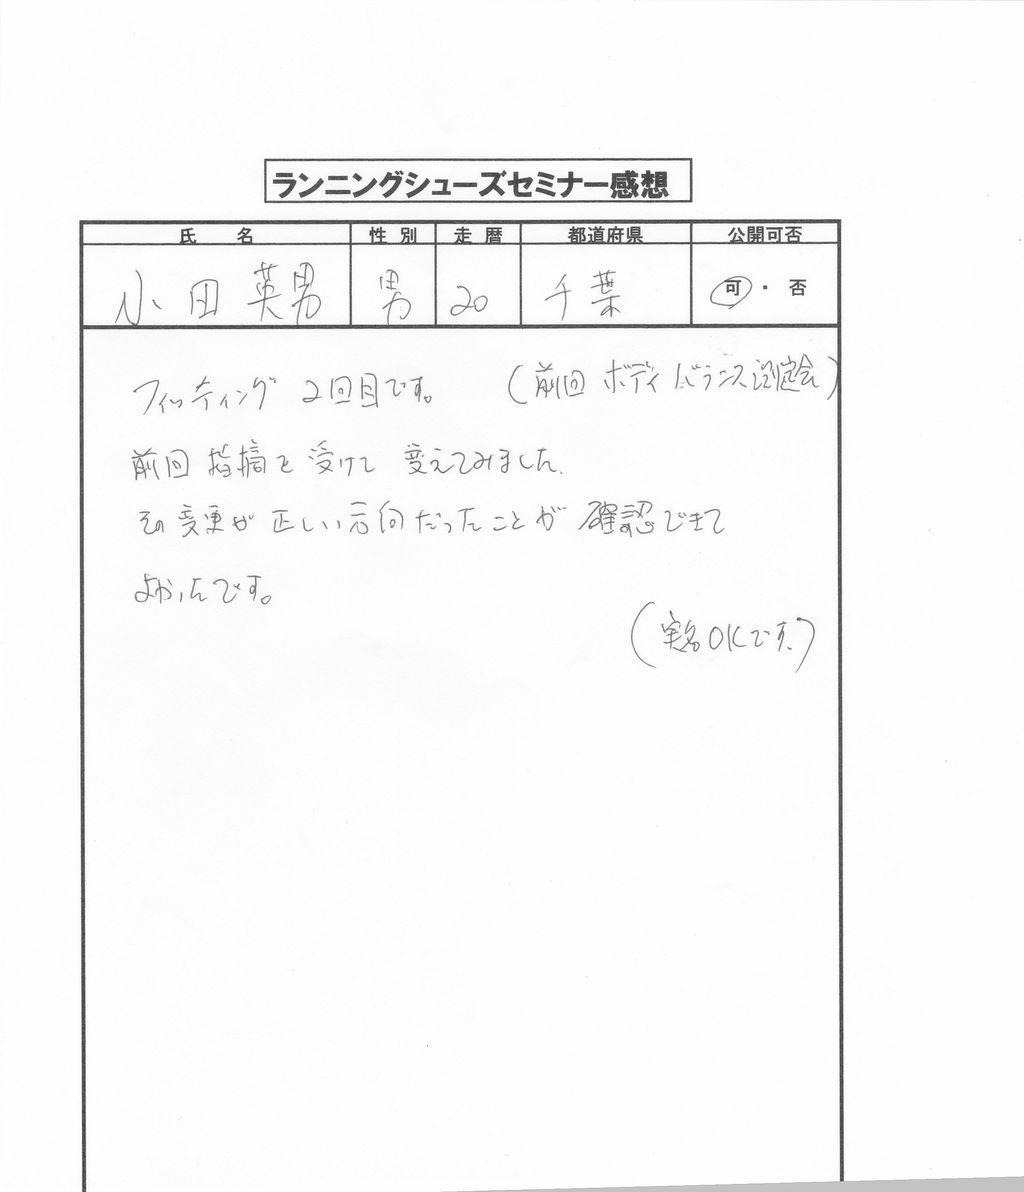 2012年6月東京・静岡セミナー感想_0006